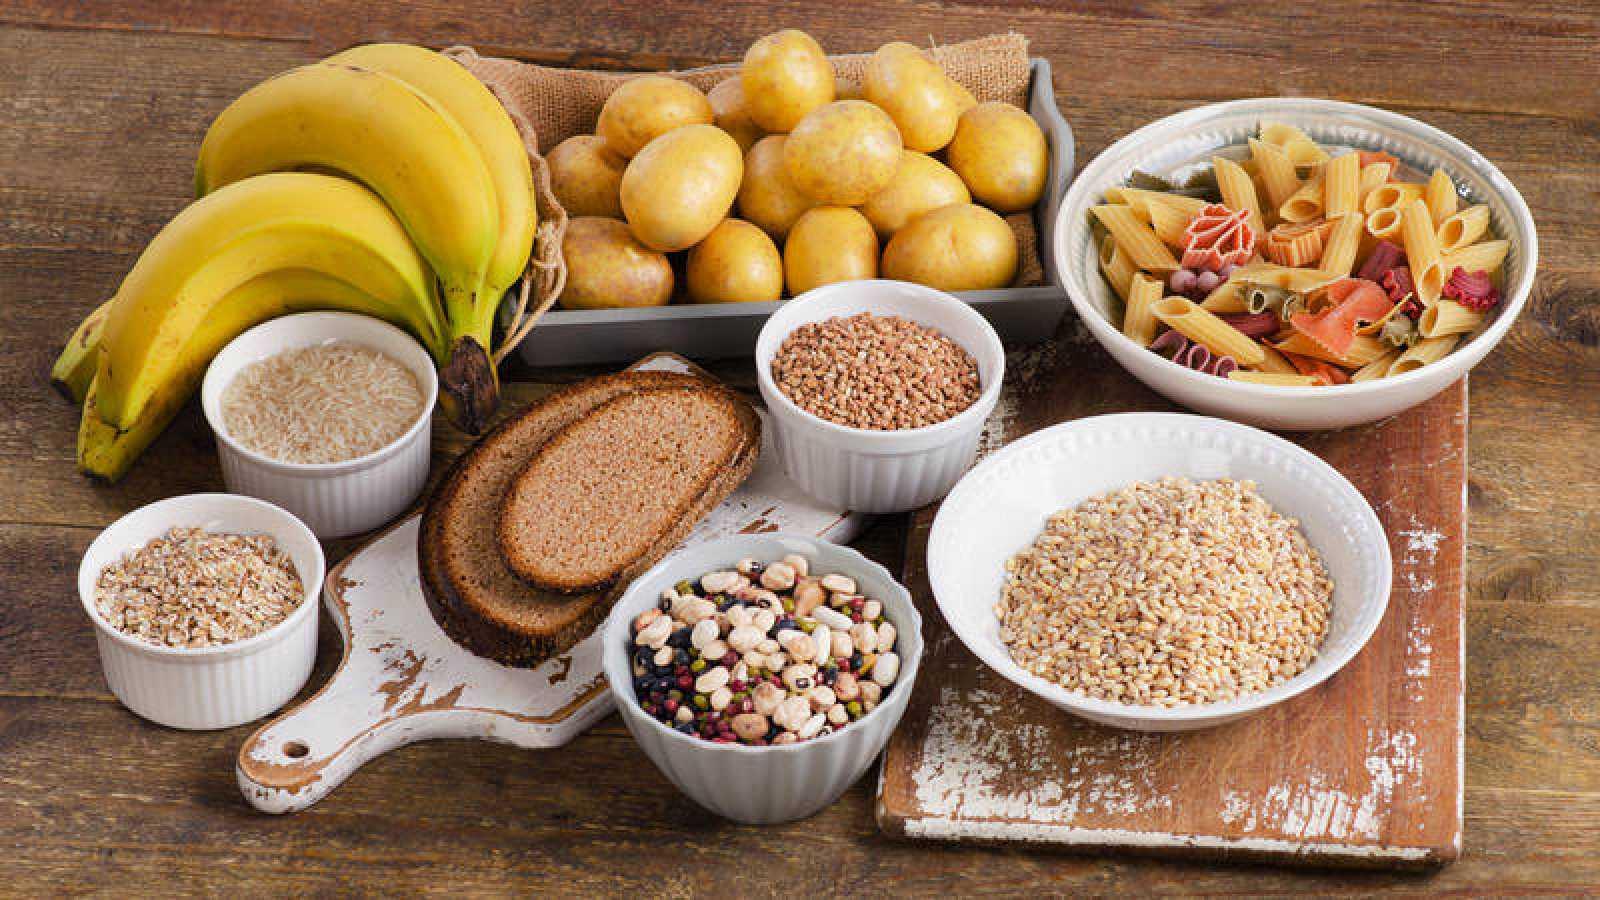 Según el trabajo científico, una dieta rica en proteínas vegetales disminuye el riesgo de mortalidad.